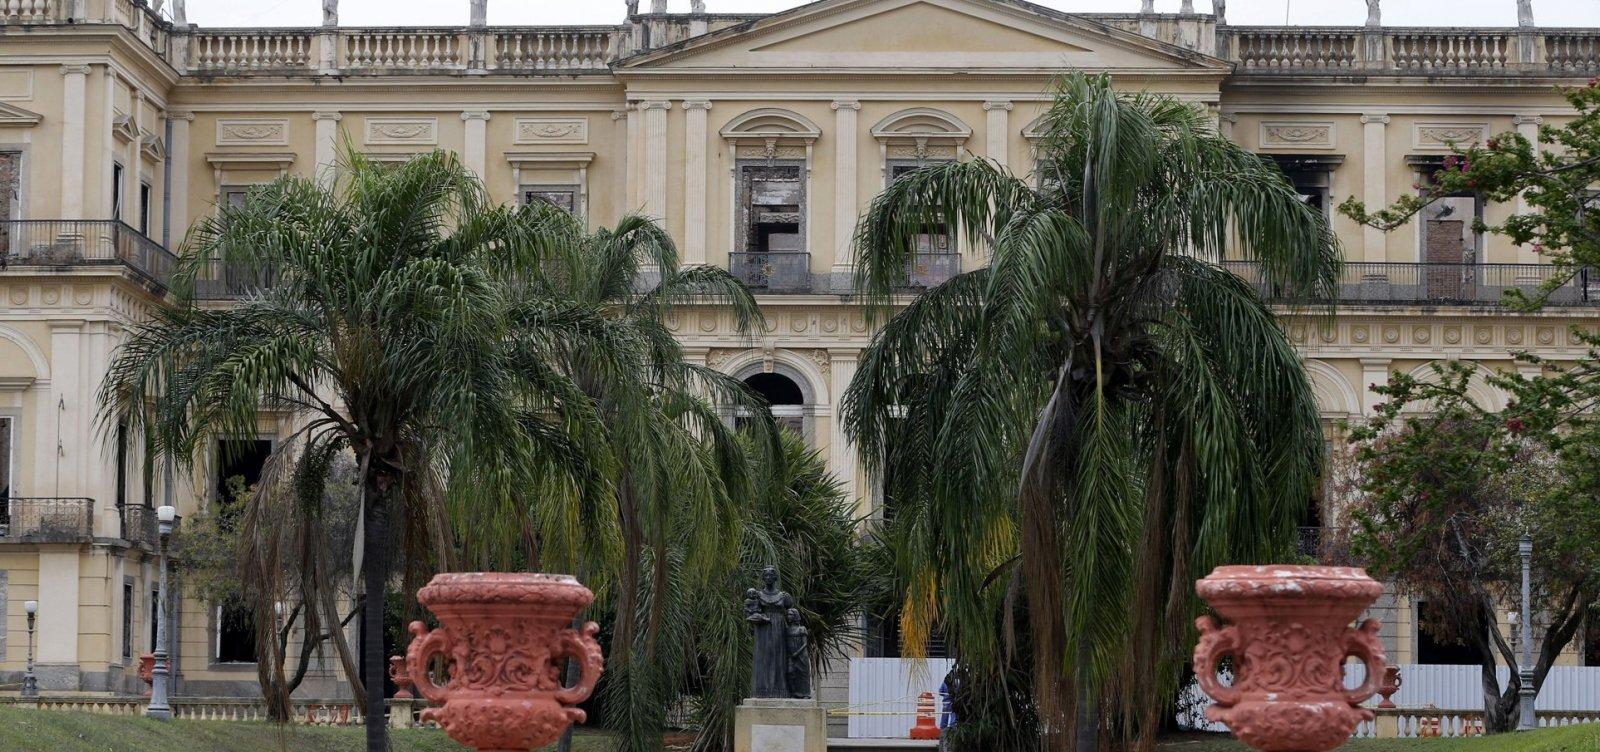 [Governo alemão doa quase 190 mil euros ao Museu Nacional no Rio de Janeiro]